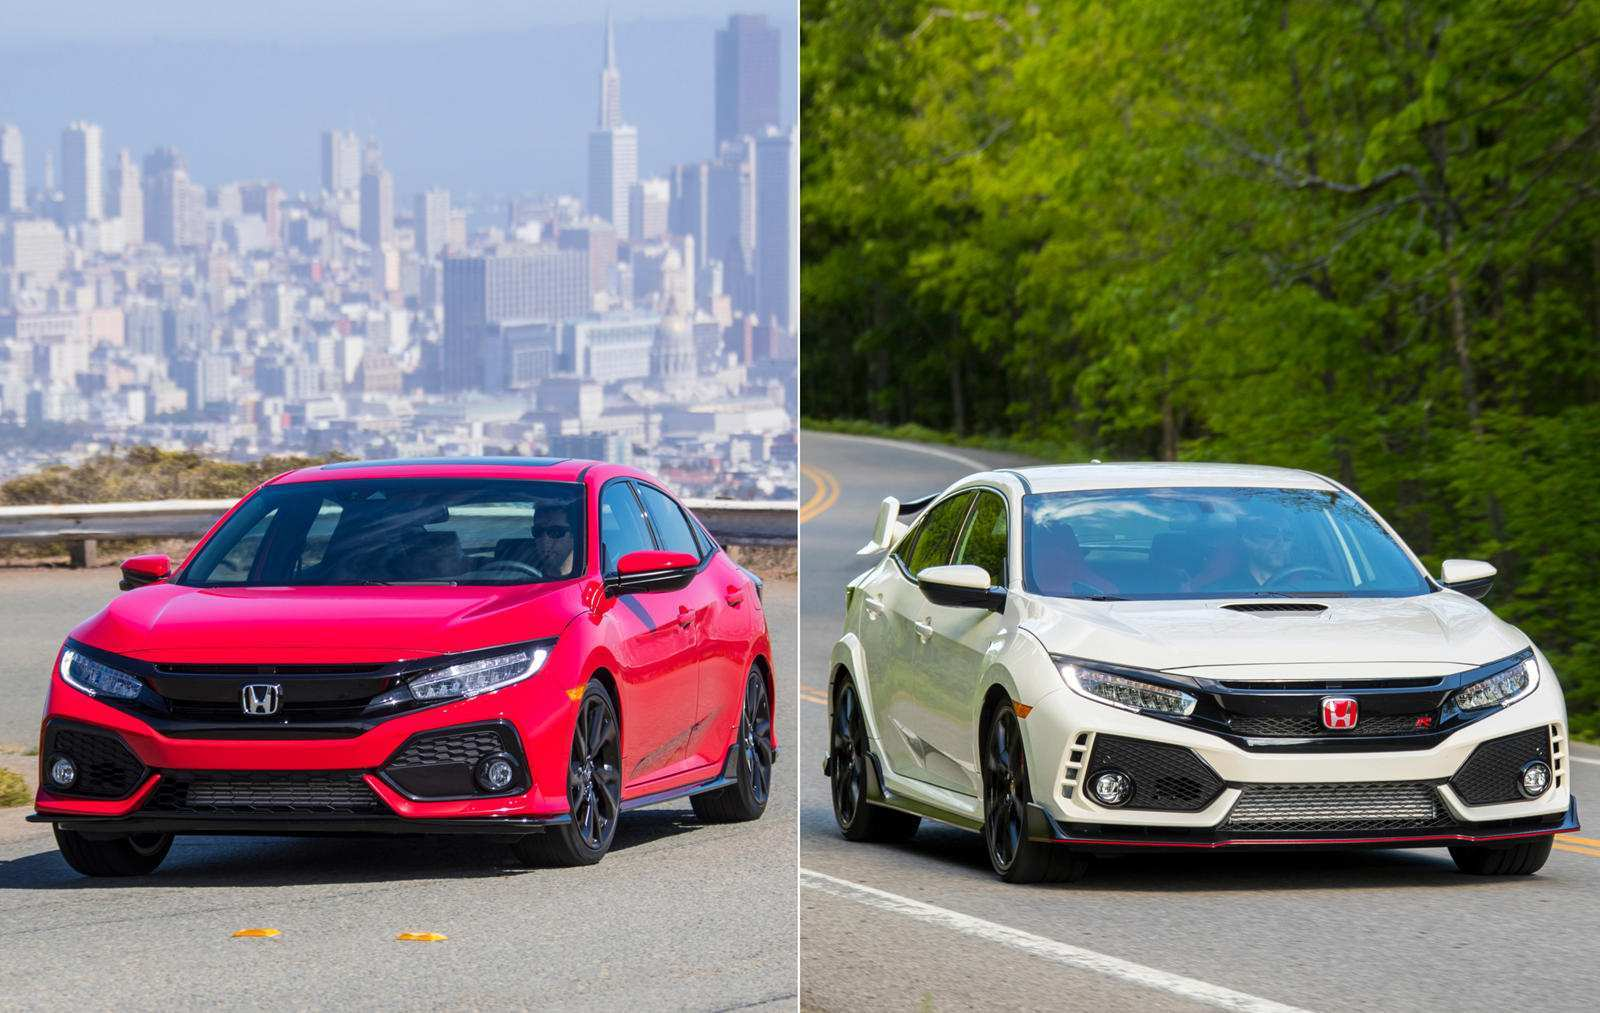 48 Concept of 2019 Honda Civic Volume Knob Redesign Price And Review Images for 2019 Honda Civic Volume Knob Redesign Price And Review